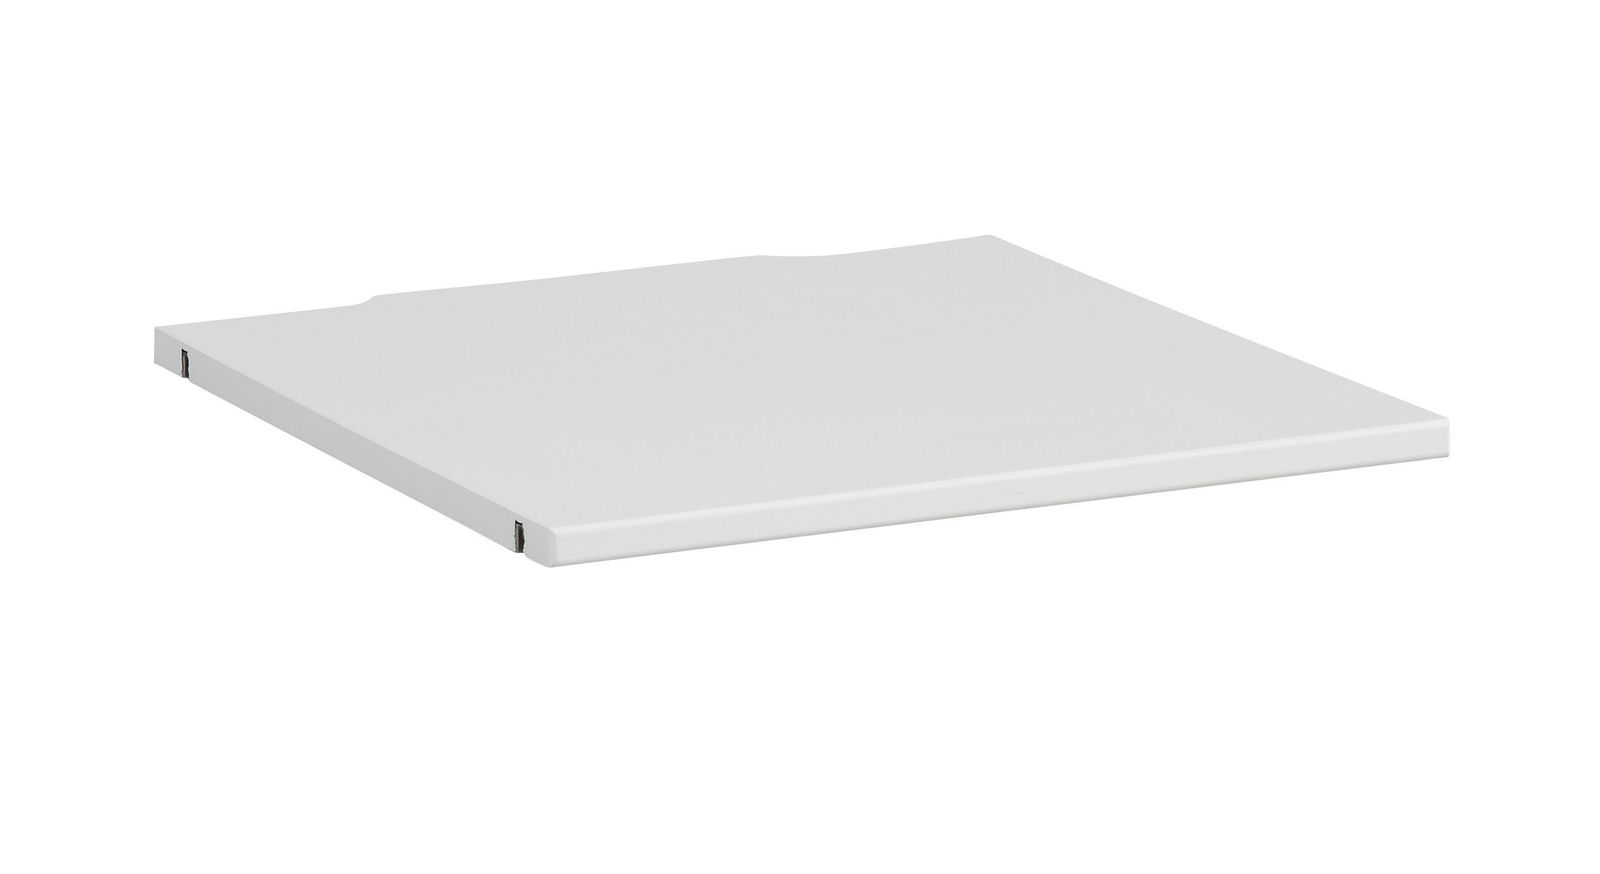 LIFETIME Kleiderschrank-Innenausstattung Einlegeboden weiß lackiert